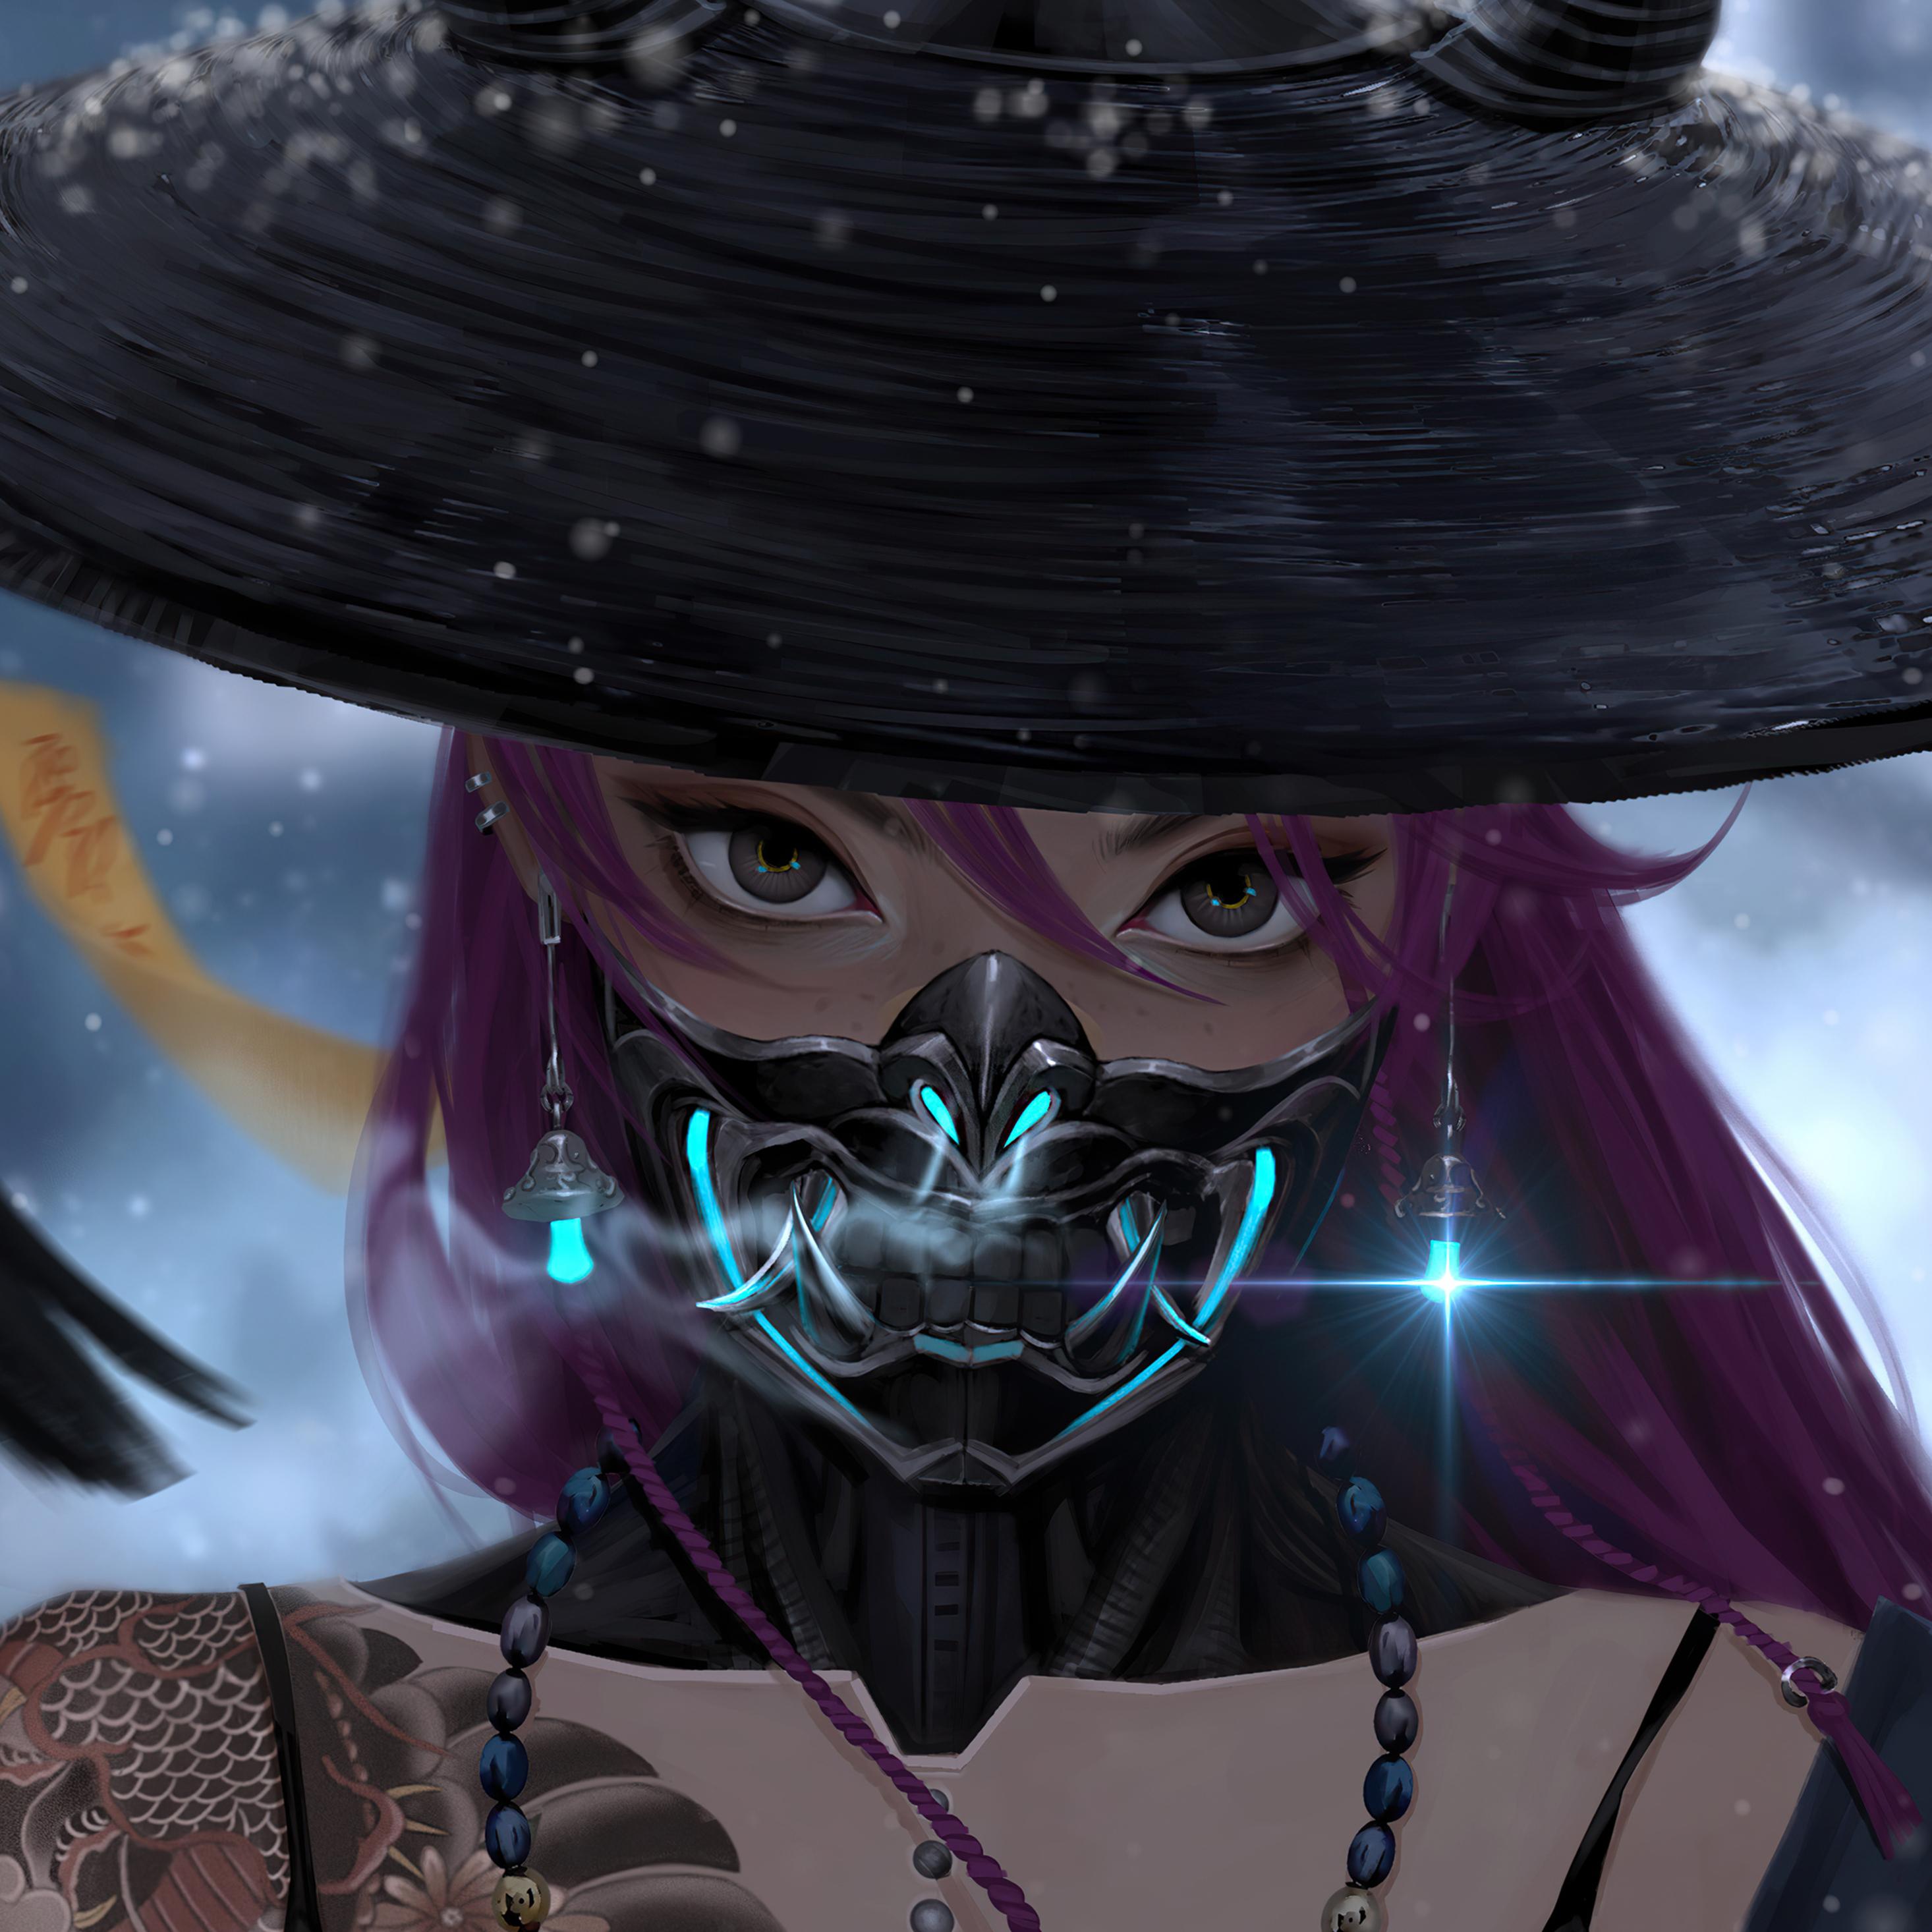 the-katana-with-hat-4k-bs.jpg